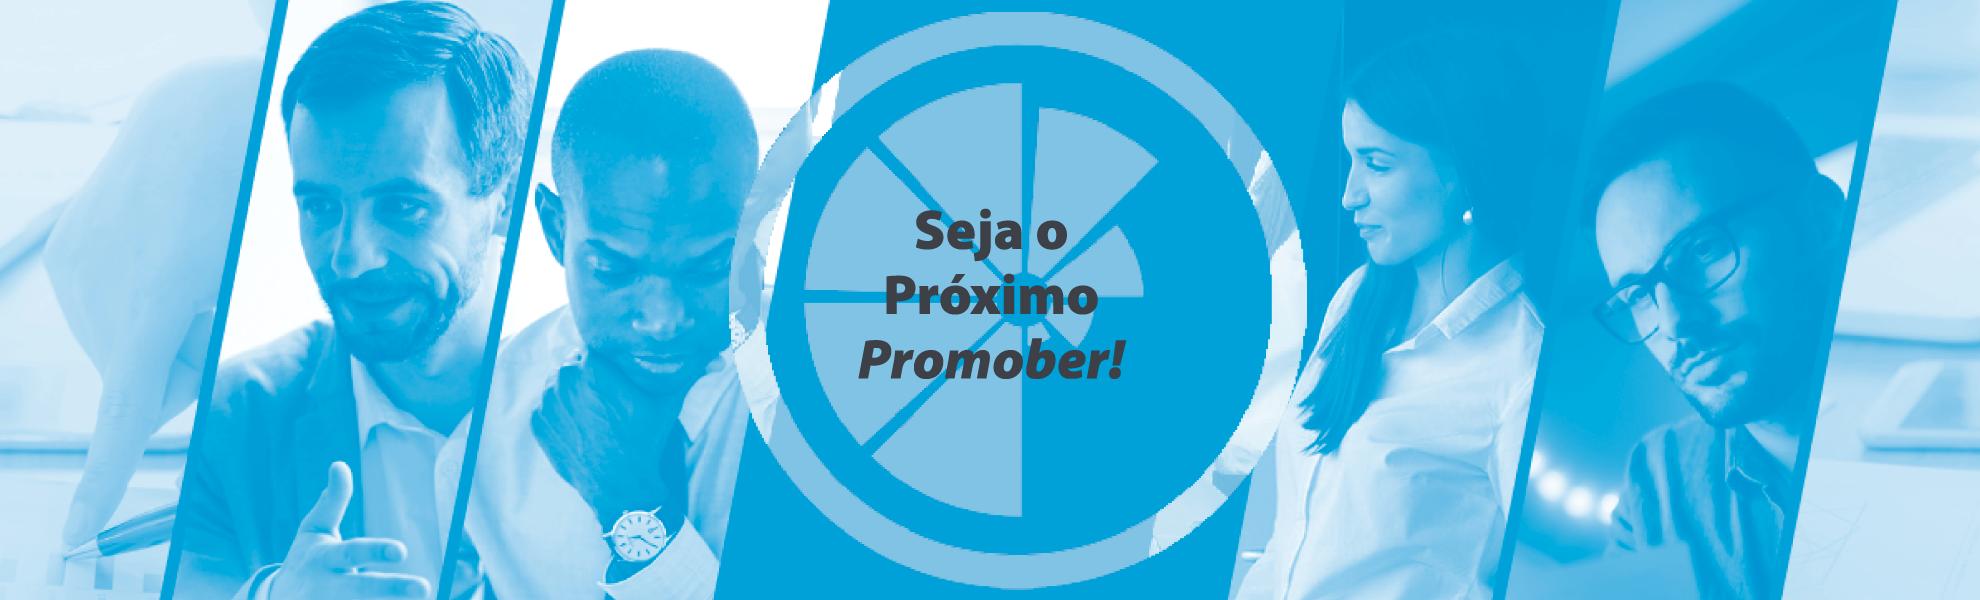 Quer ser o próximo Promober? Cadastre-se aqui!